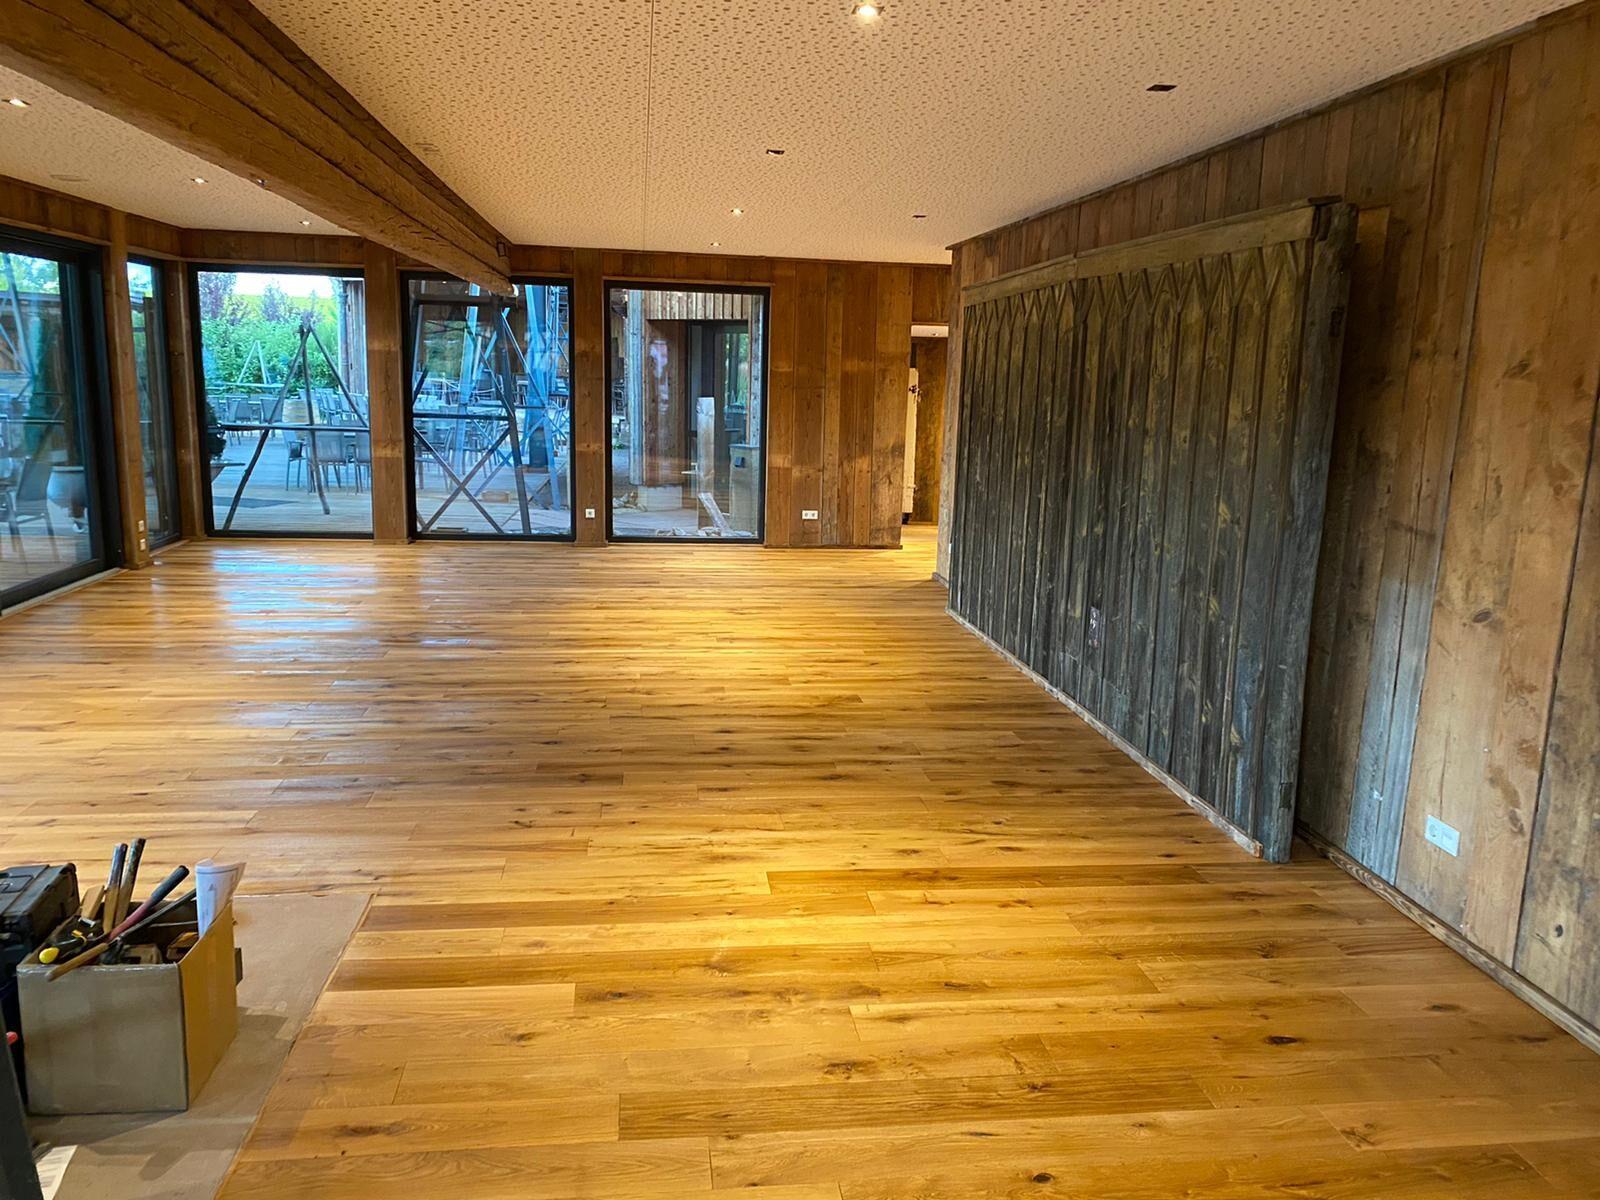 Die Bauarbeiten sind abgeschlossen - der Pavillon wurde eingeweiht